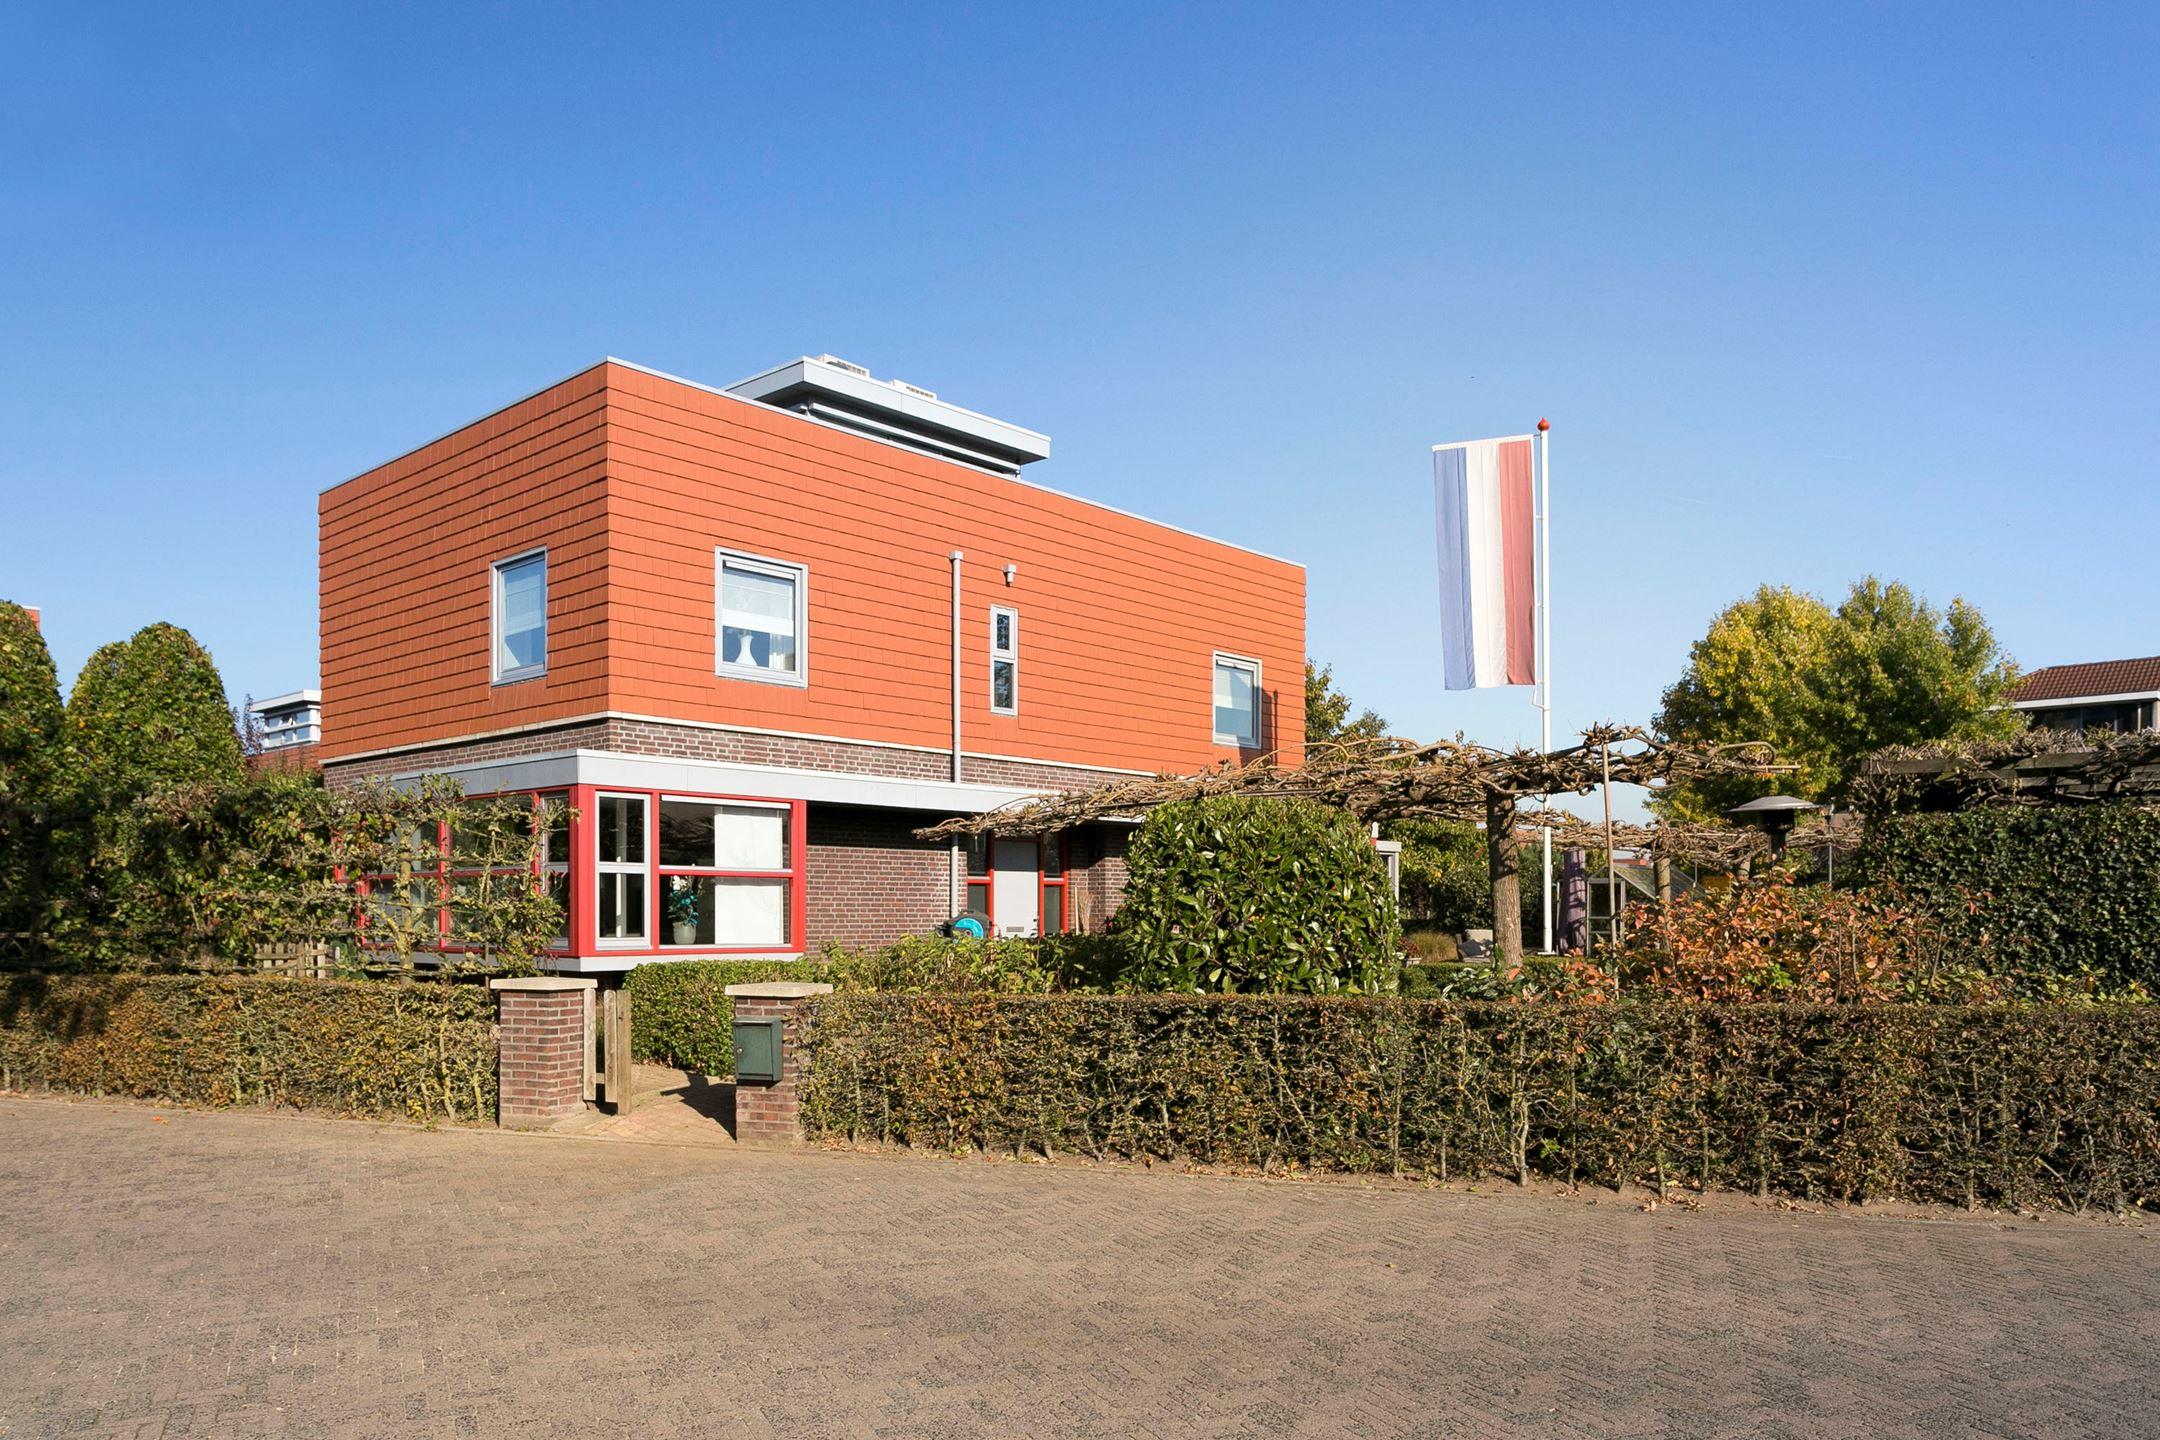 Huis te koop wijnkersstraat 1 6515 cr nijmegen funda for Huis te koop in nijmegen